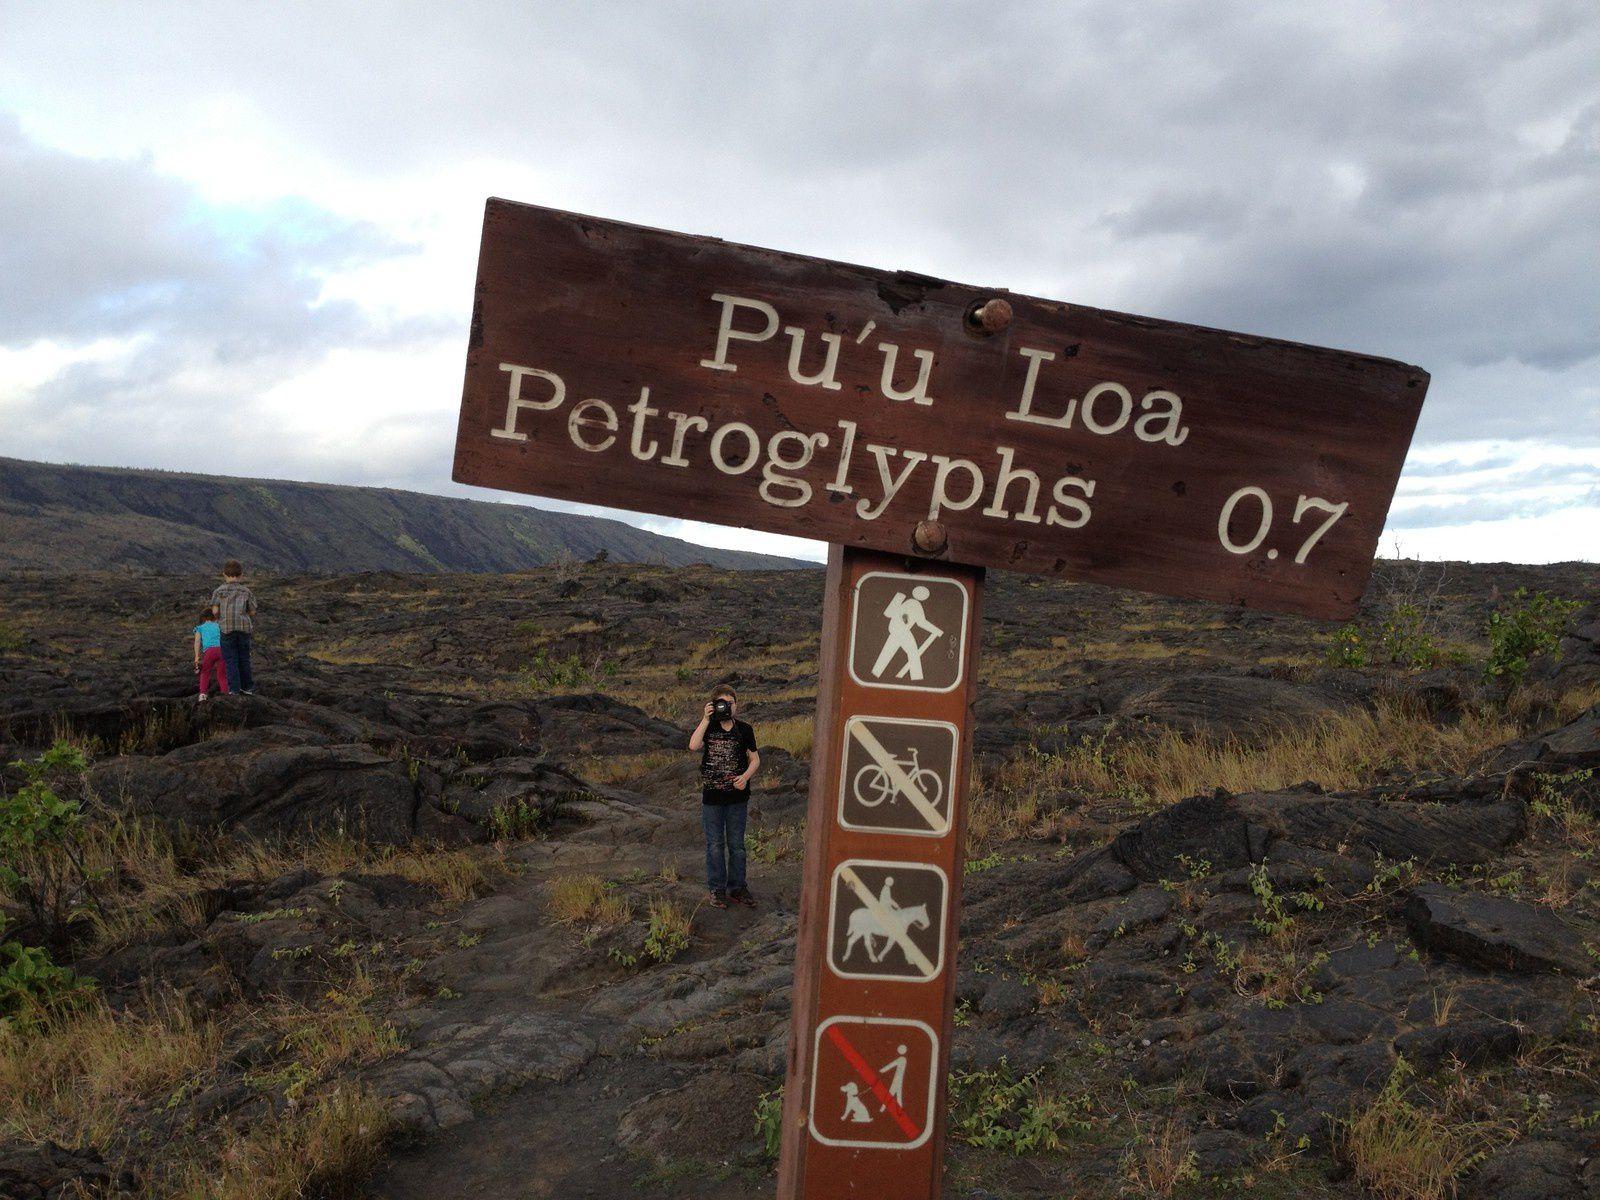 Le trail vers les pétroglyphes de Pu'u Loa passe dans les champs de lave pahoehoe. - Photograph by Christopher Elliott - Nat Geo